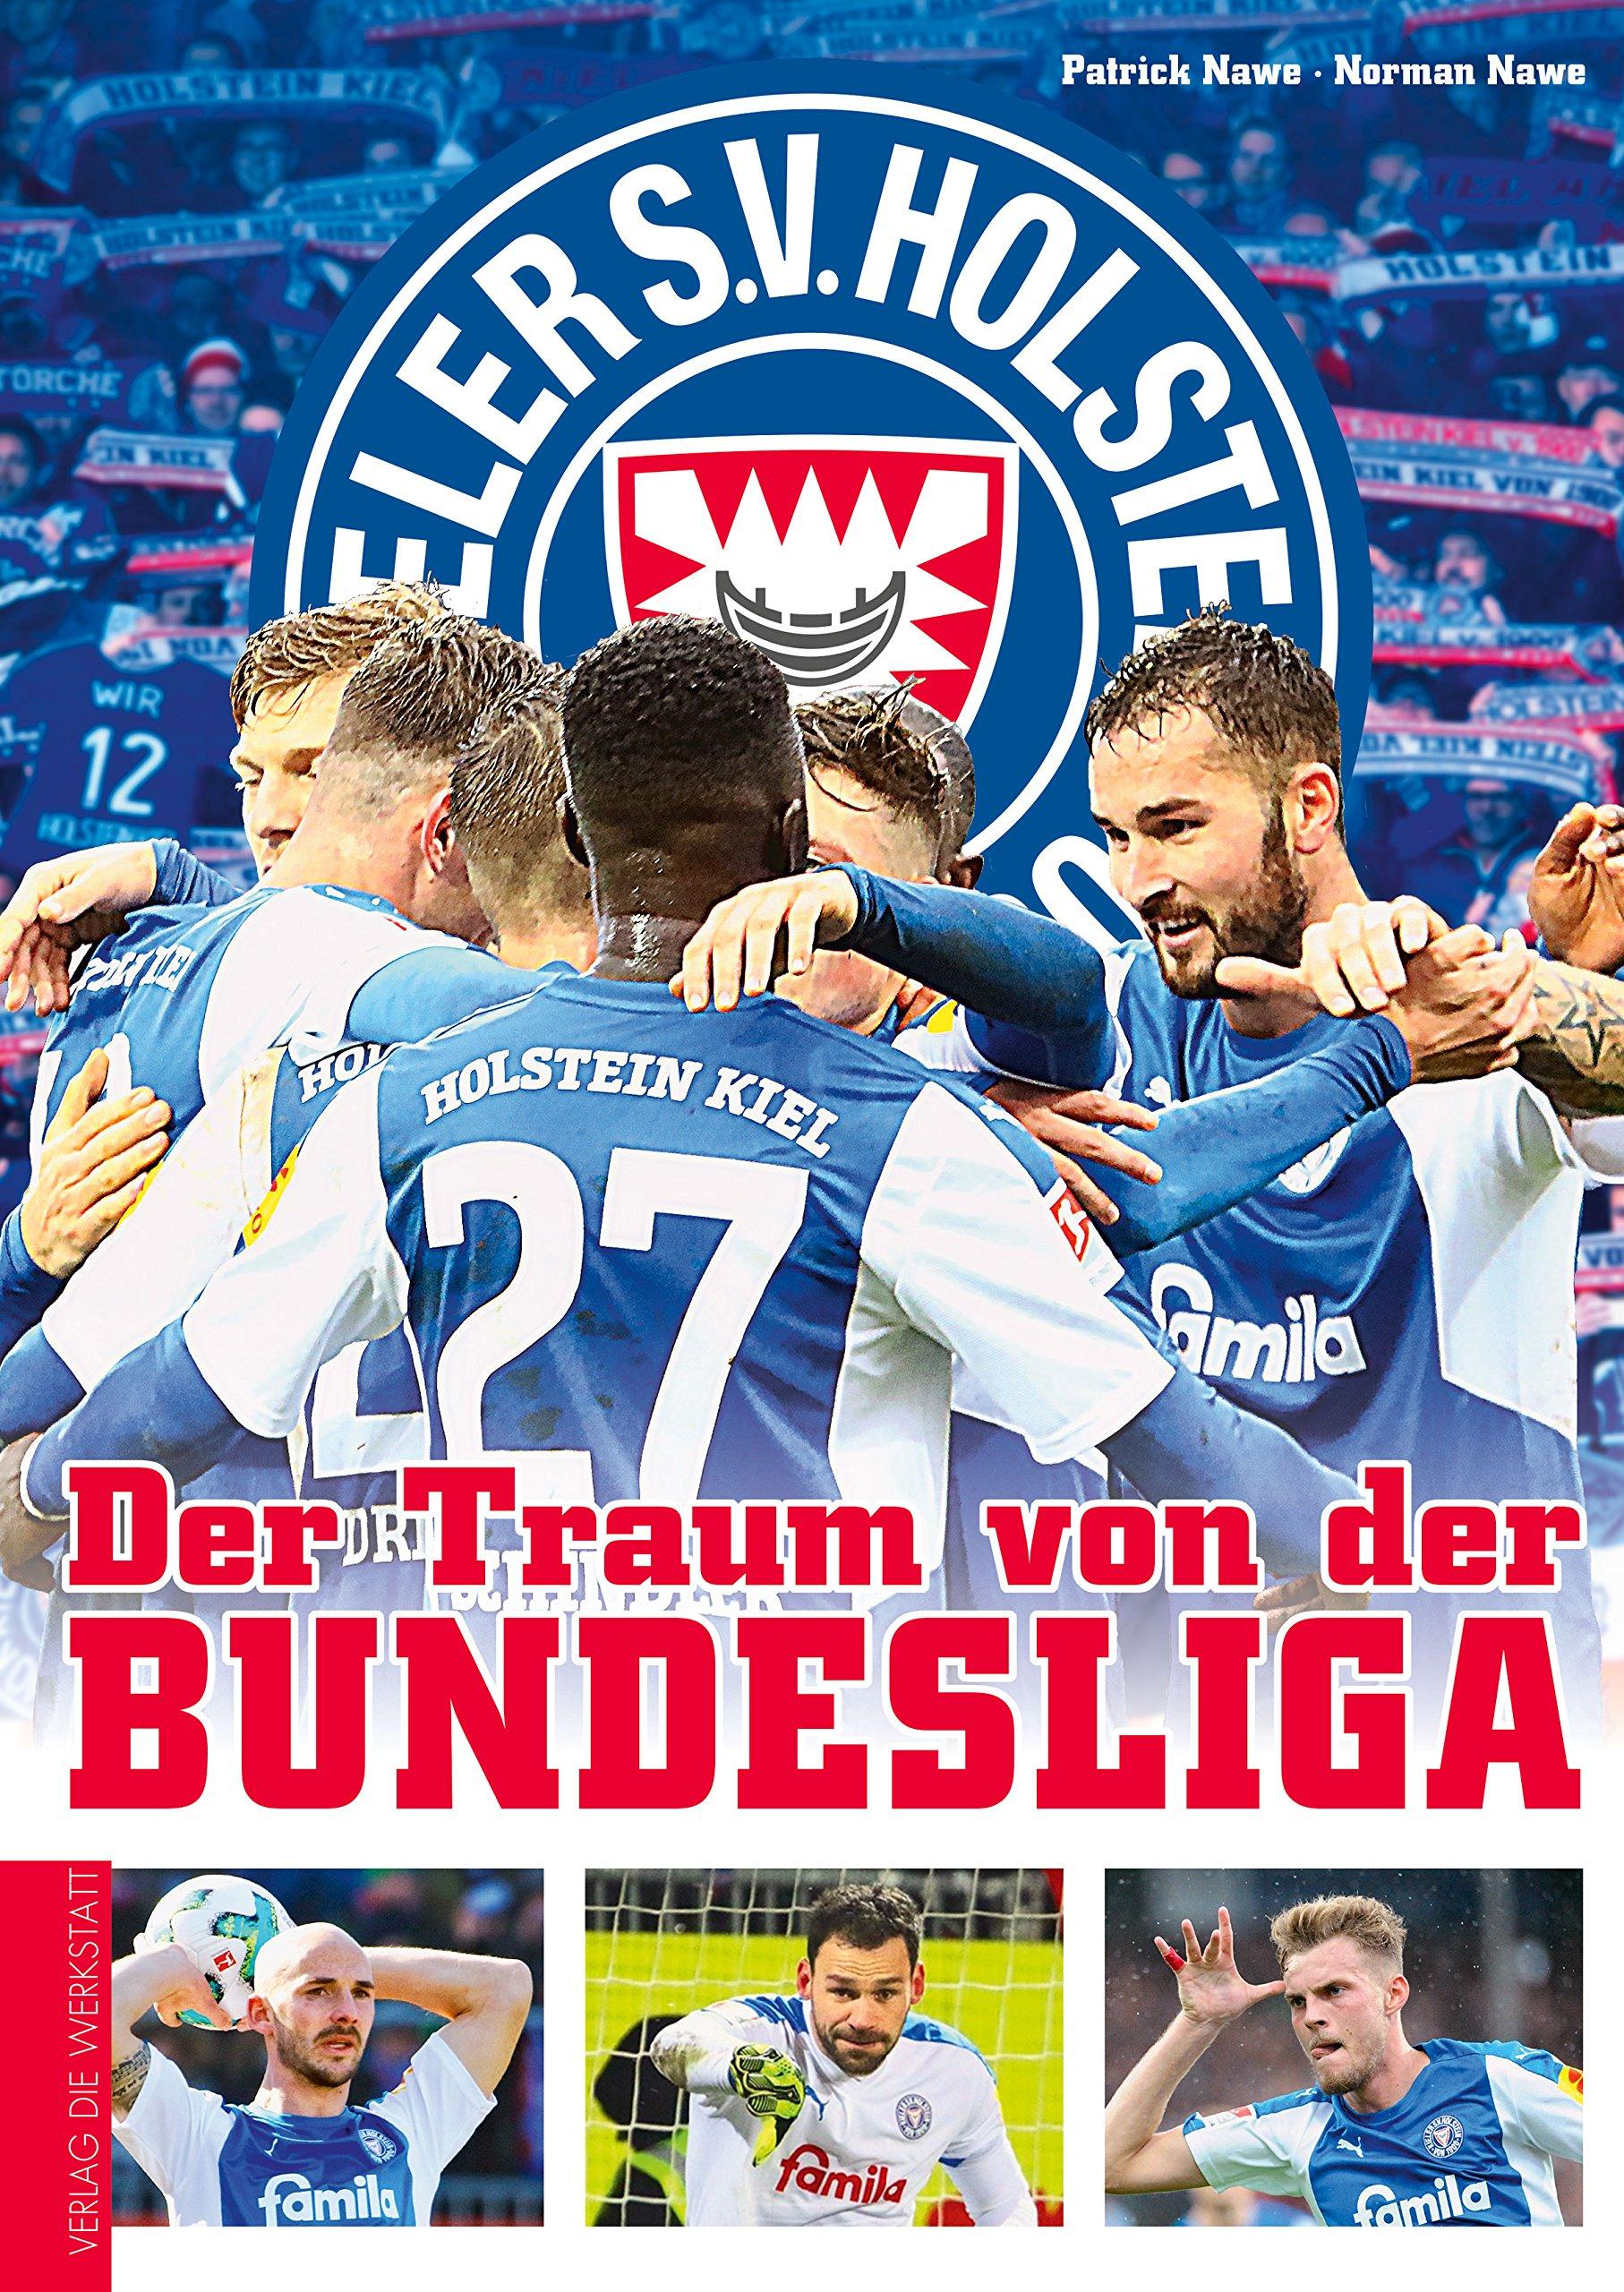 Holstein Kiel: Der Traum von der Bundesliga